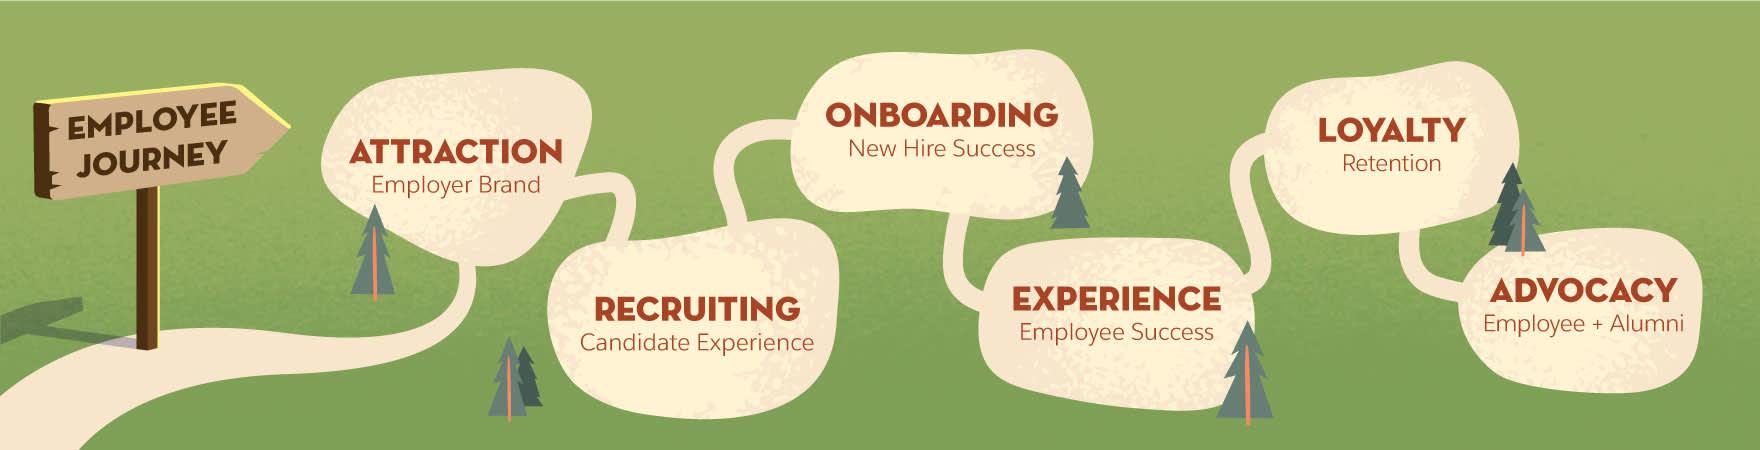 Grafische Darstellung der Stationen der Mitarbeiterentwicklung: Anziehung, Einstellung, Einarbeitung, Erfahrung, Loyalität und Fürsprache